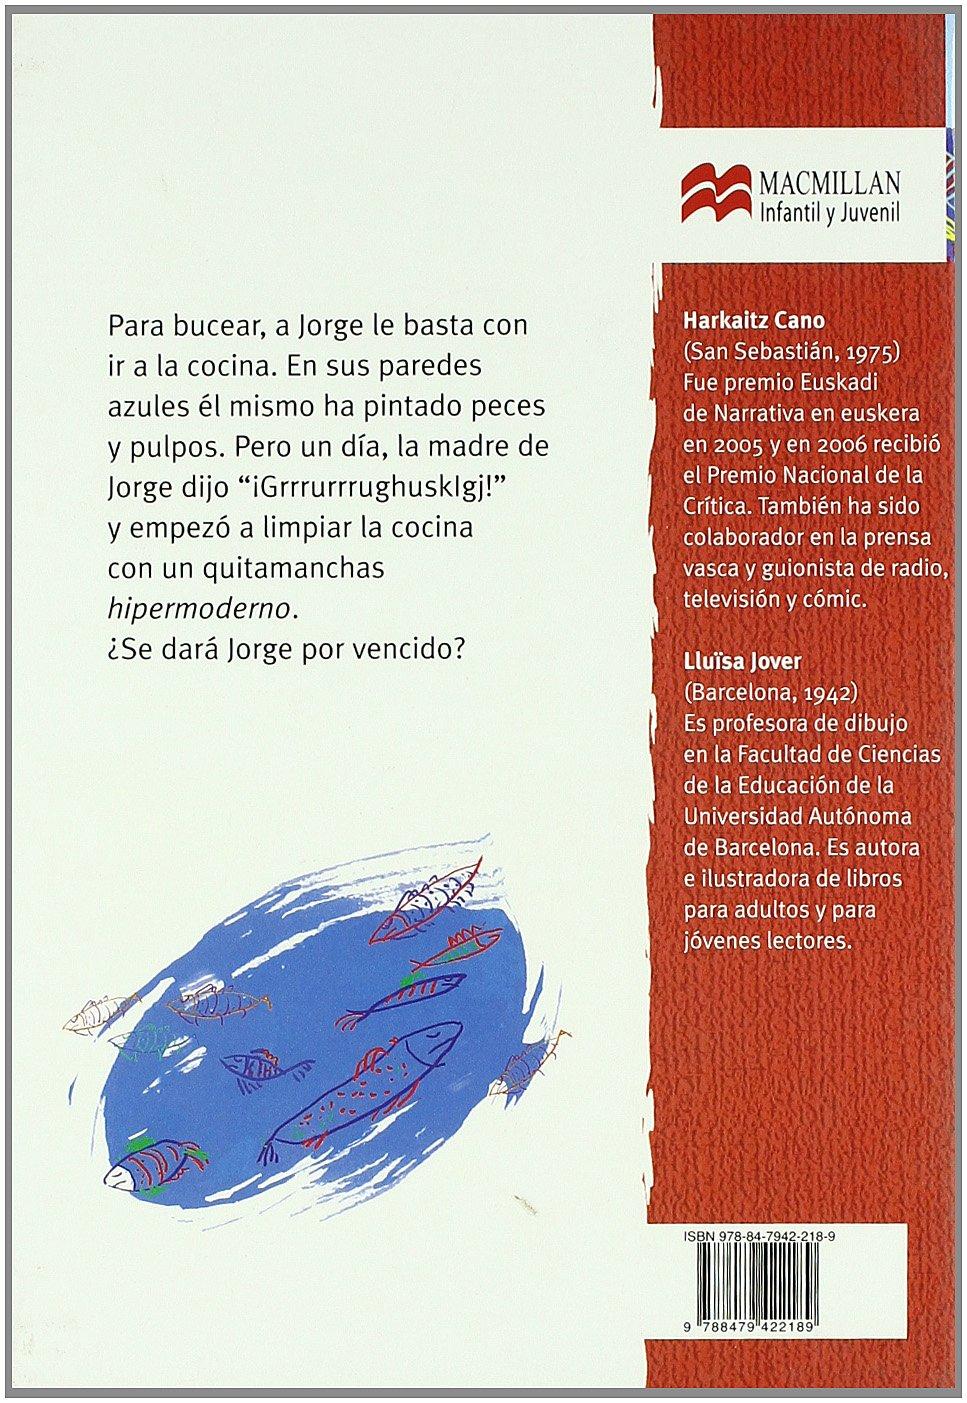 Amazon.com: El mar en la cocina (Librosaurio) (Spanish Edition) (9788479422189): Harkaitz Cano, Llüisa Jover: Books